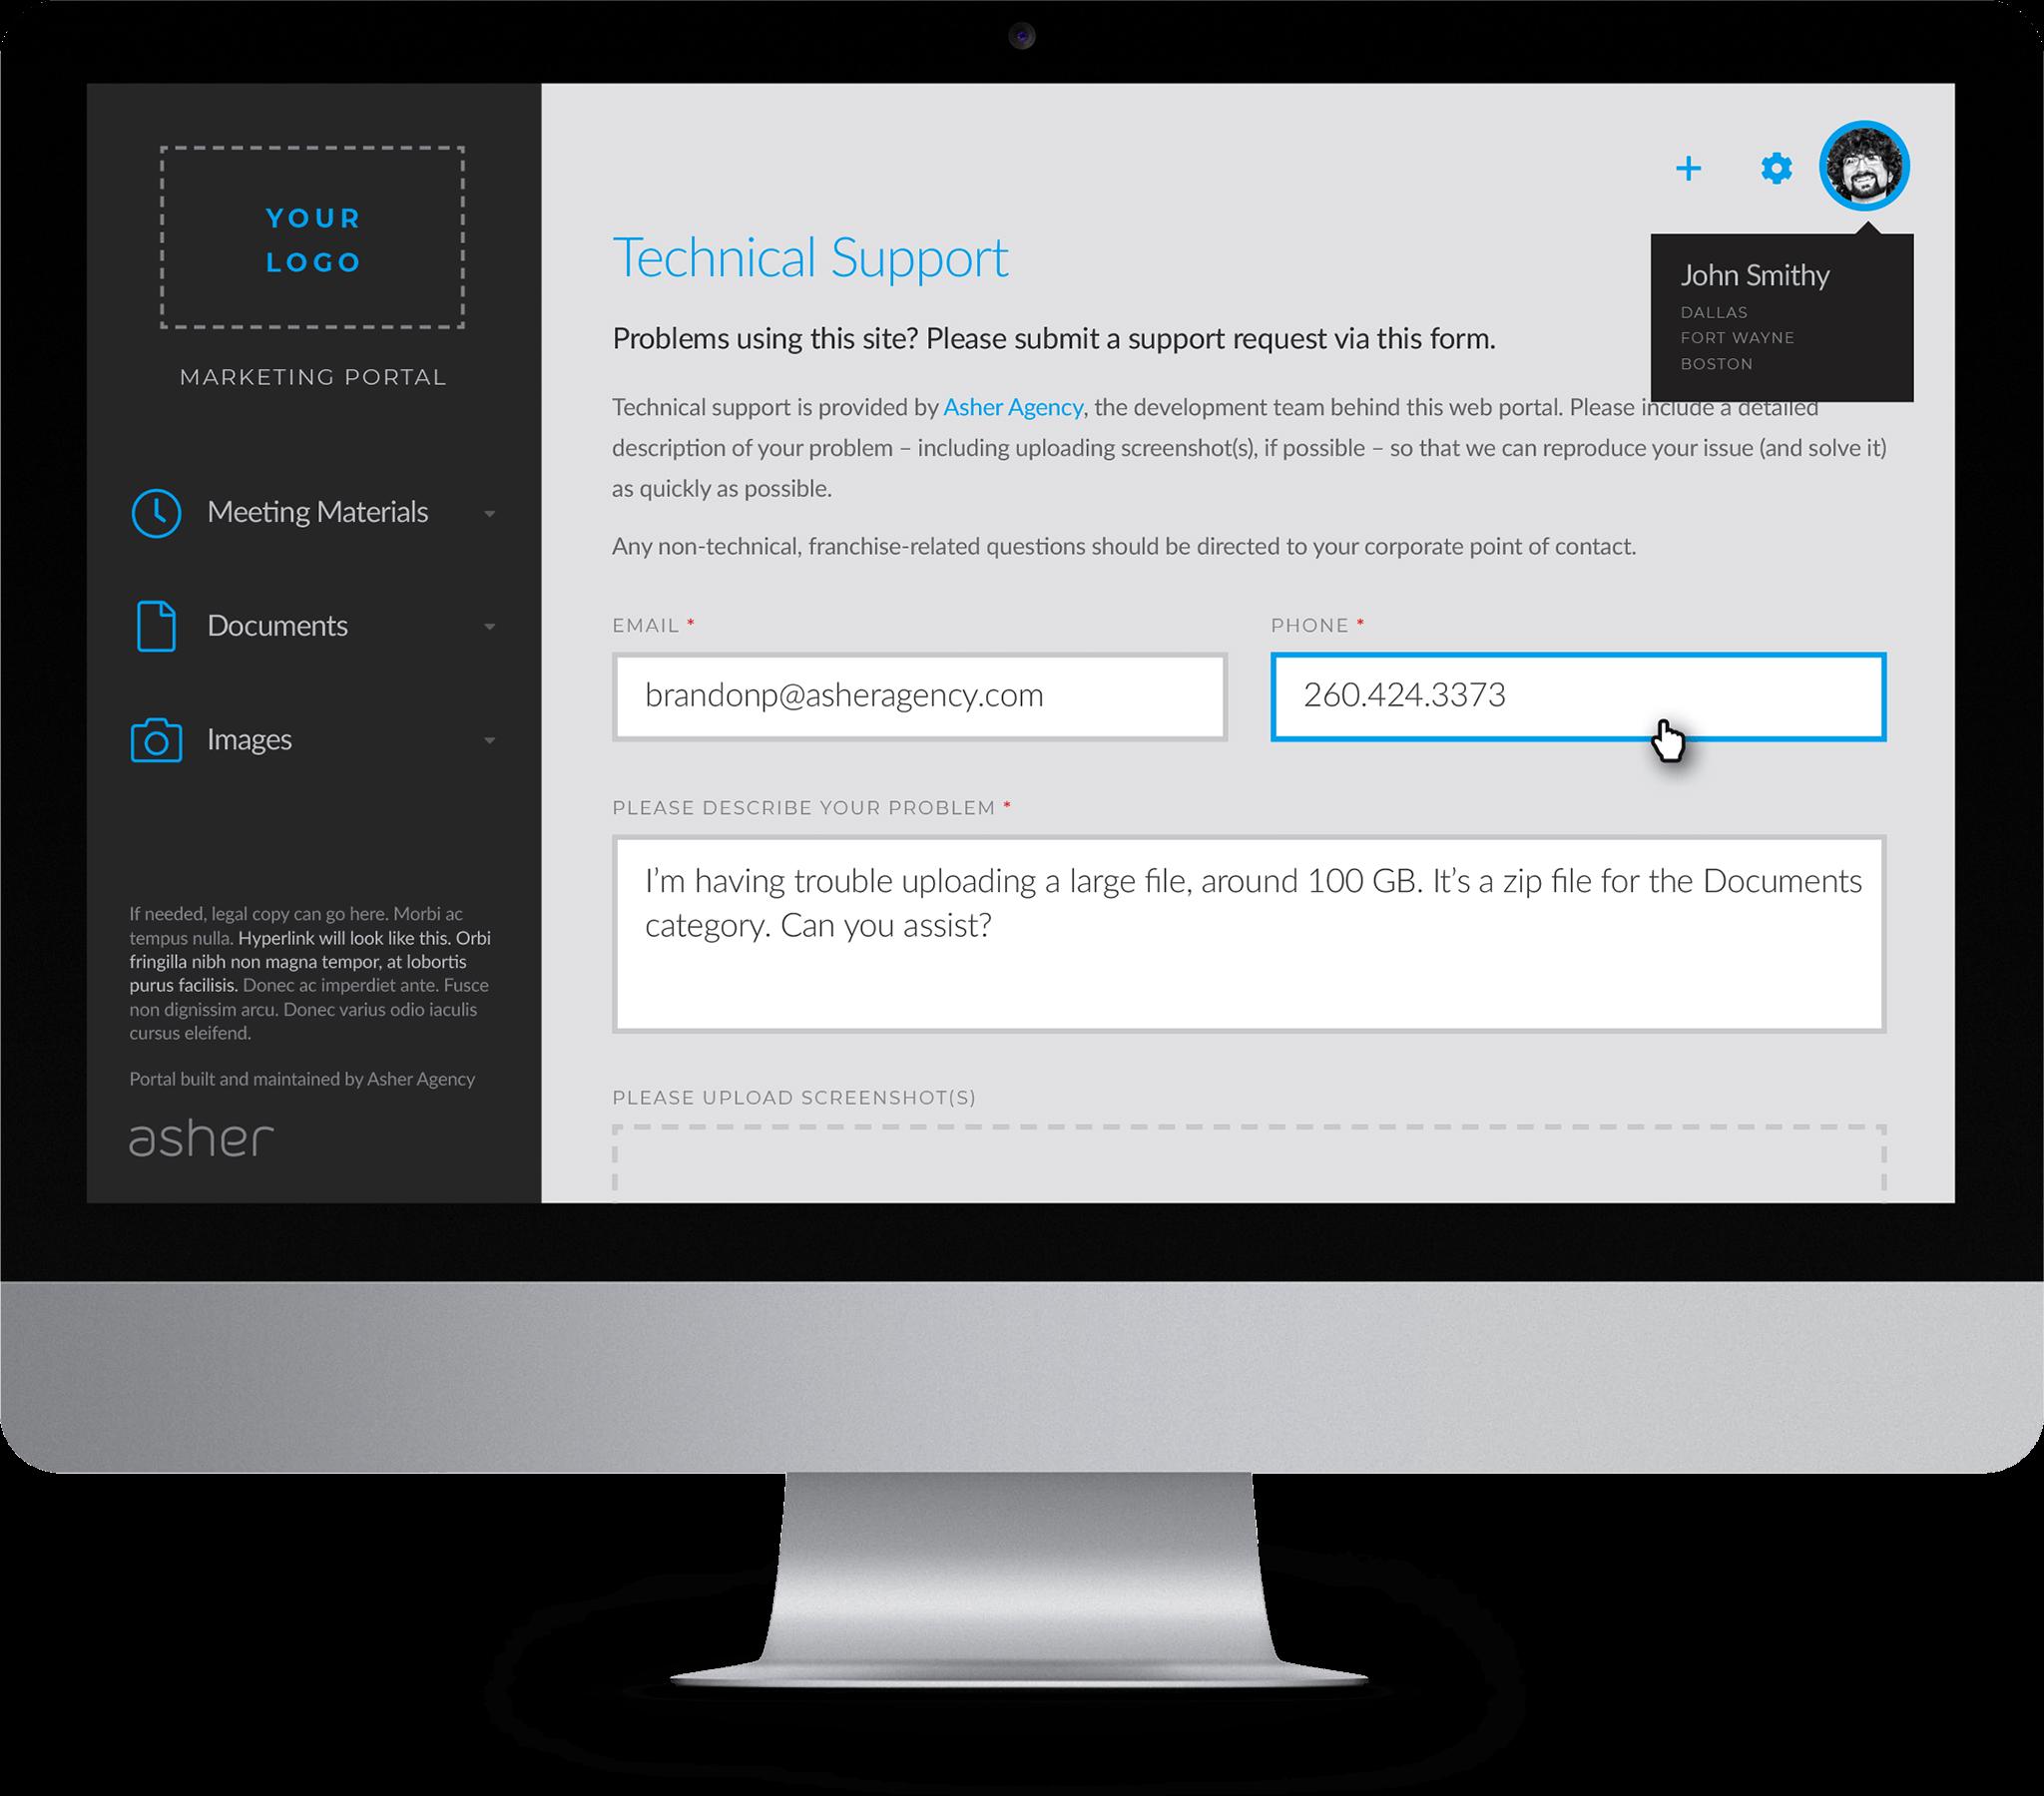 Portal support form on desktop